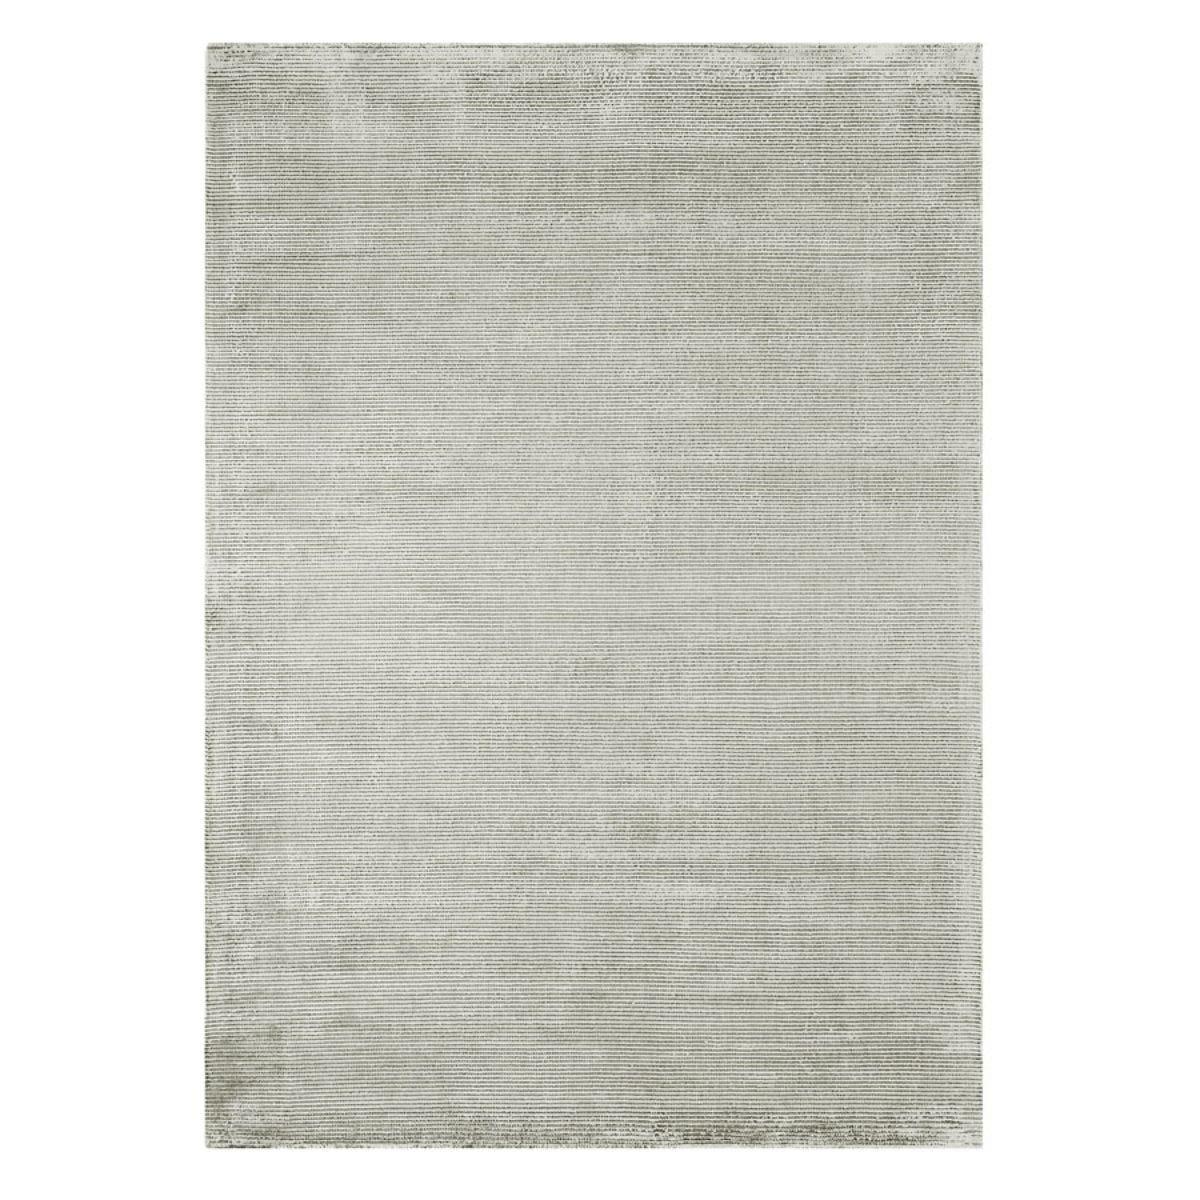 Asiatic Reko Rug, 160 x 230cm - French Grey